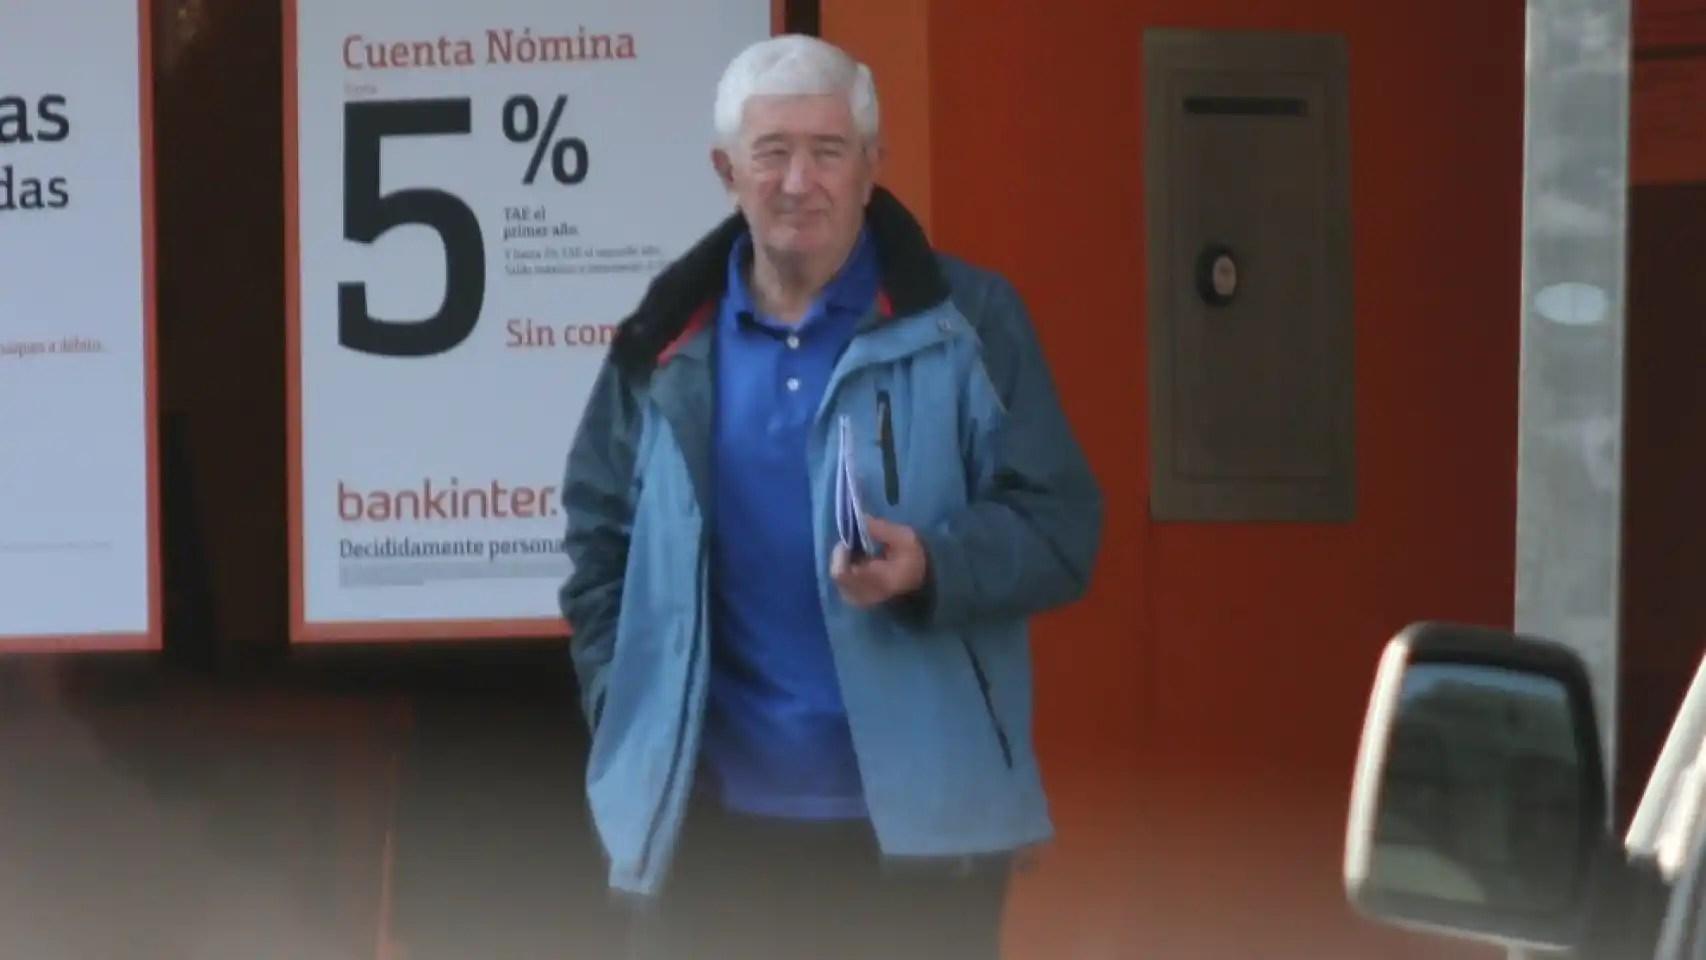 El coronel argentino sale de hacer recados en el banco.